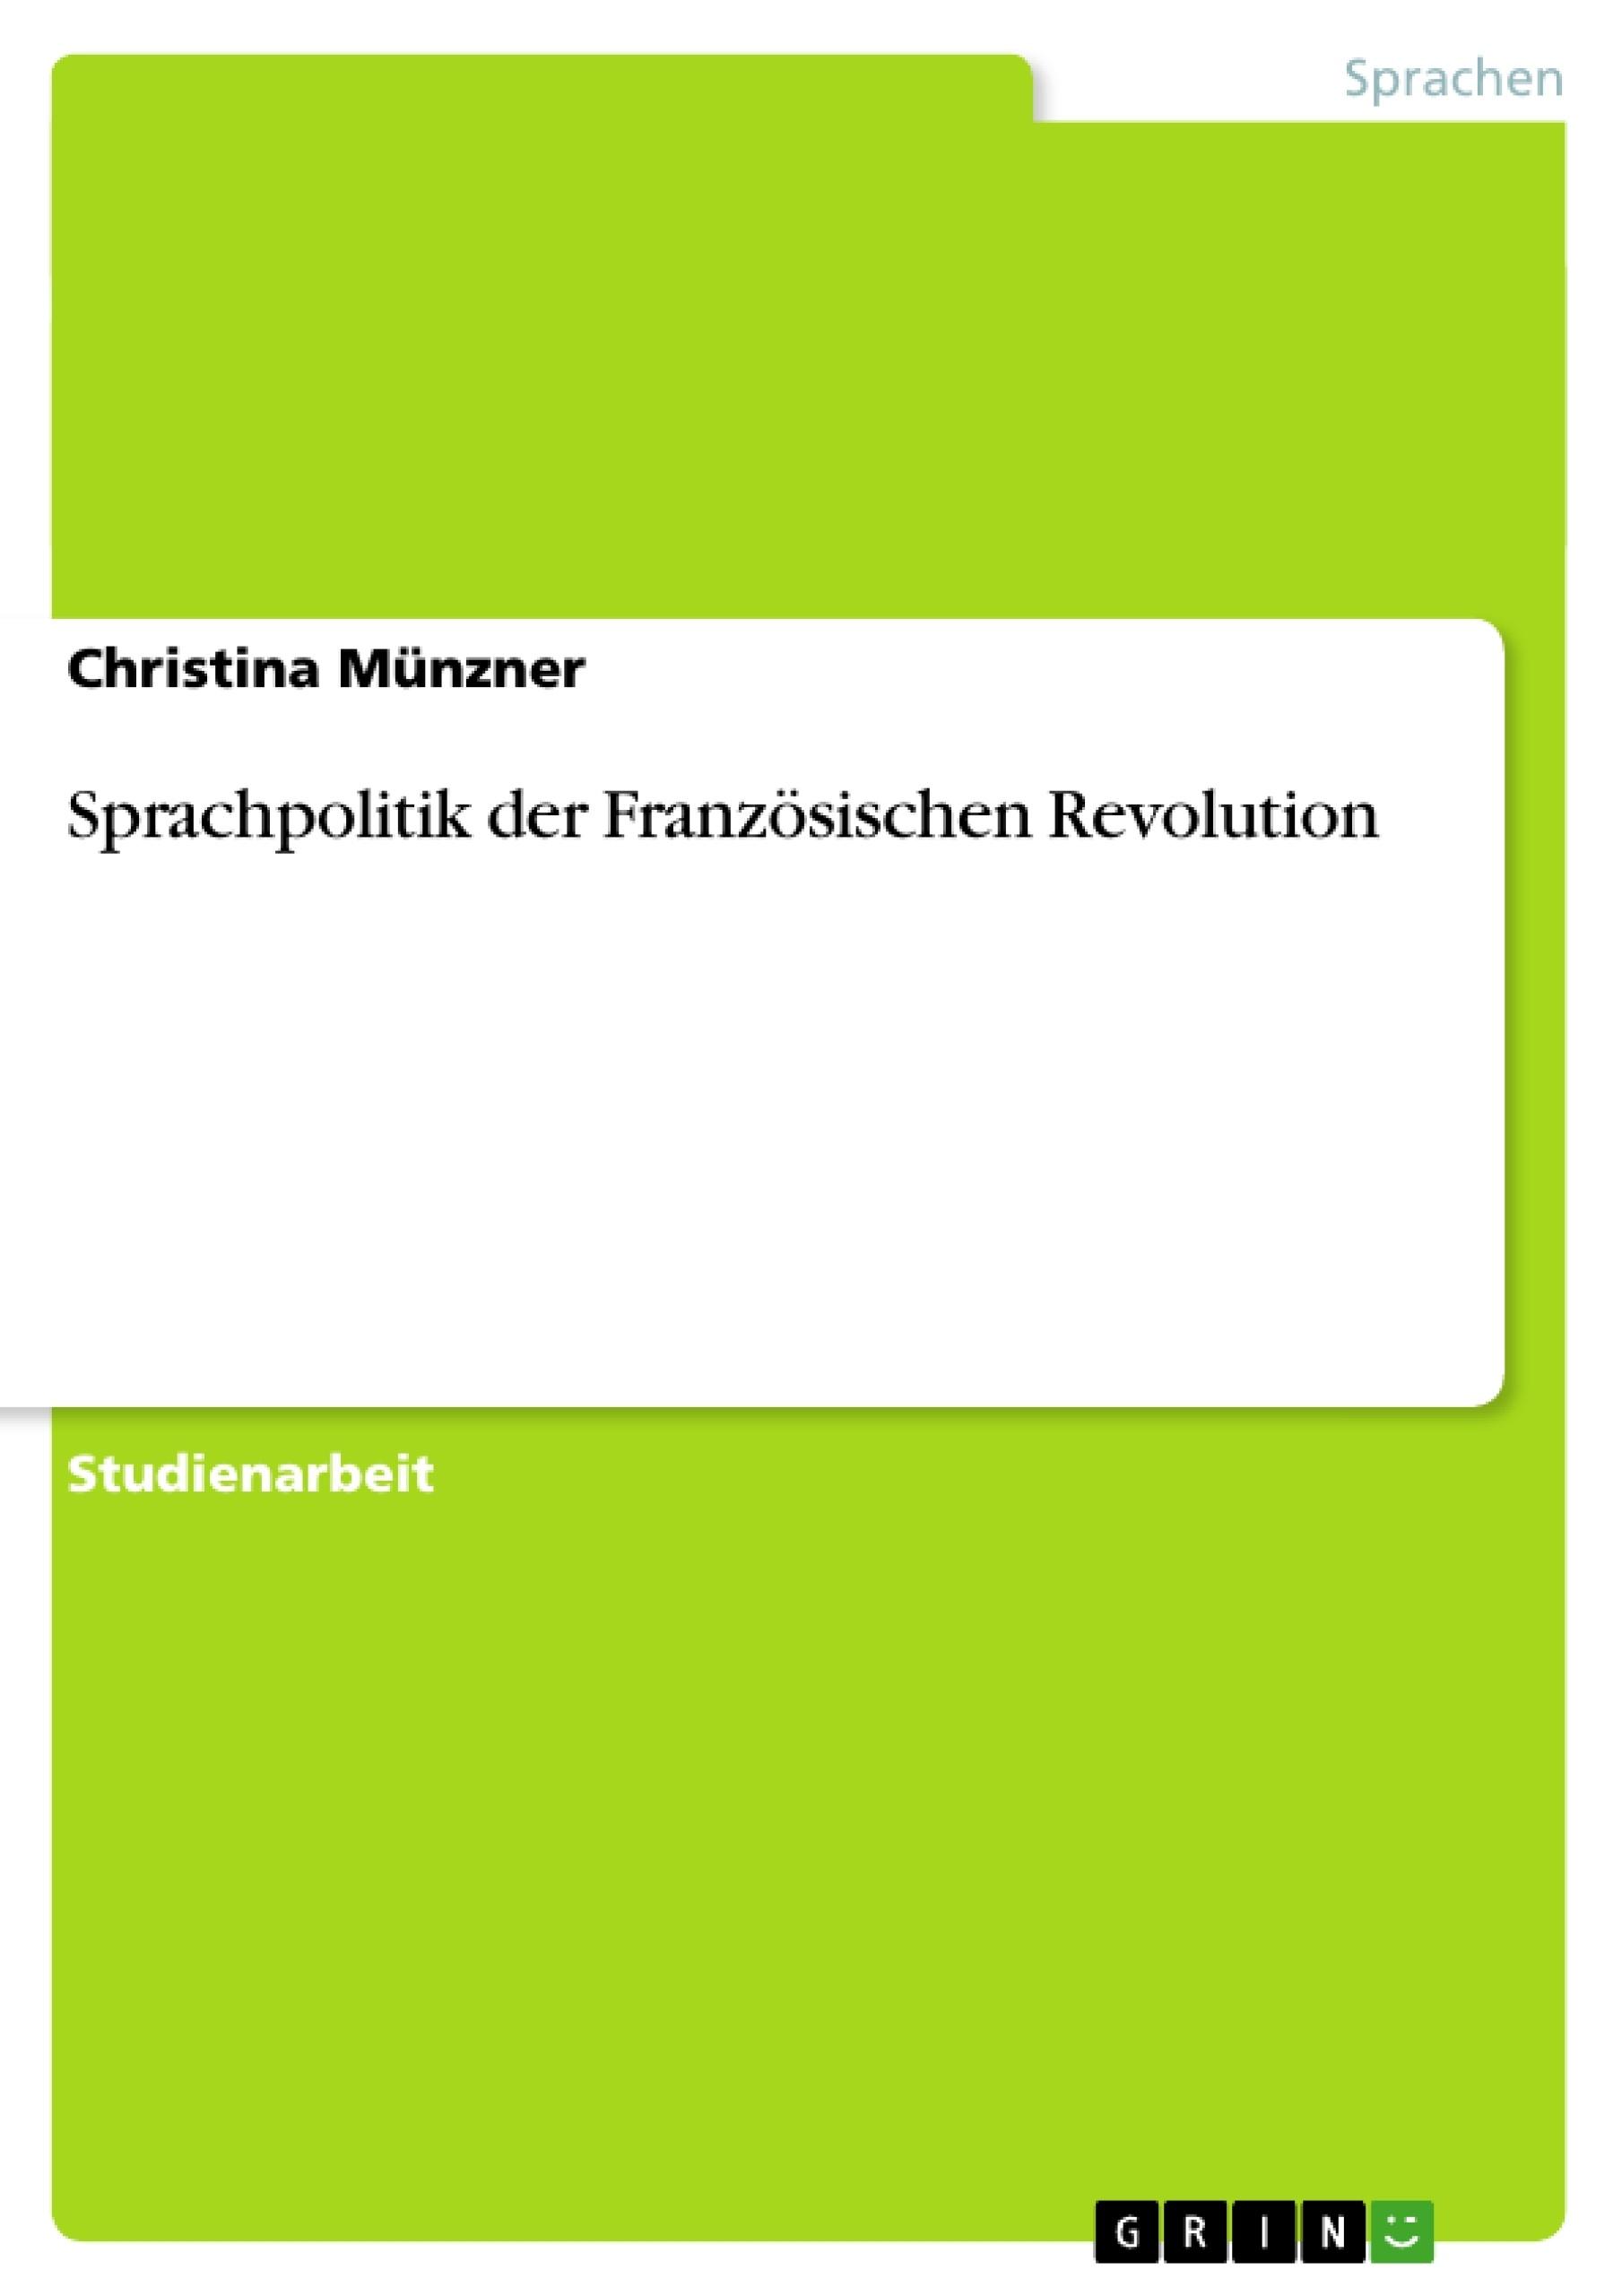 Titel: Sprachpolitik der Französischen Revolution